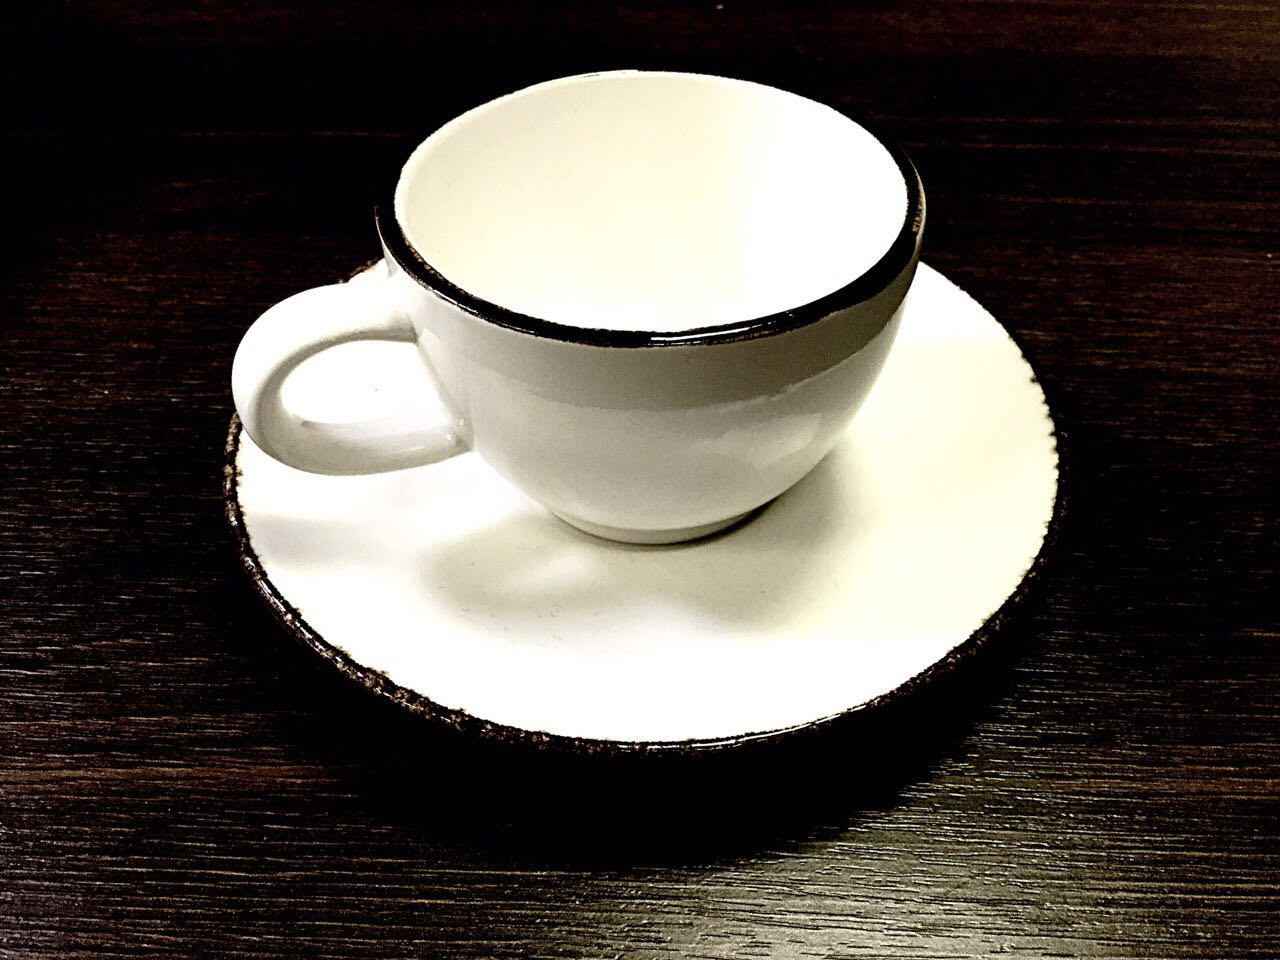 чайная чашка с блюдцем белого цвета с коричневой окантовкой по борту